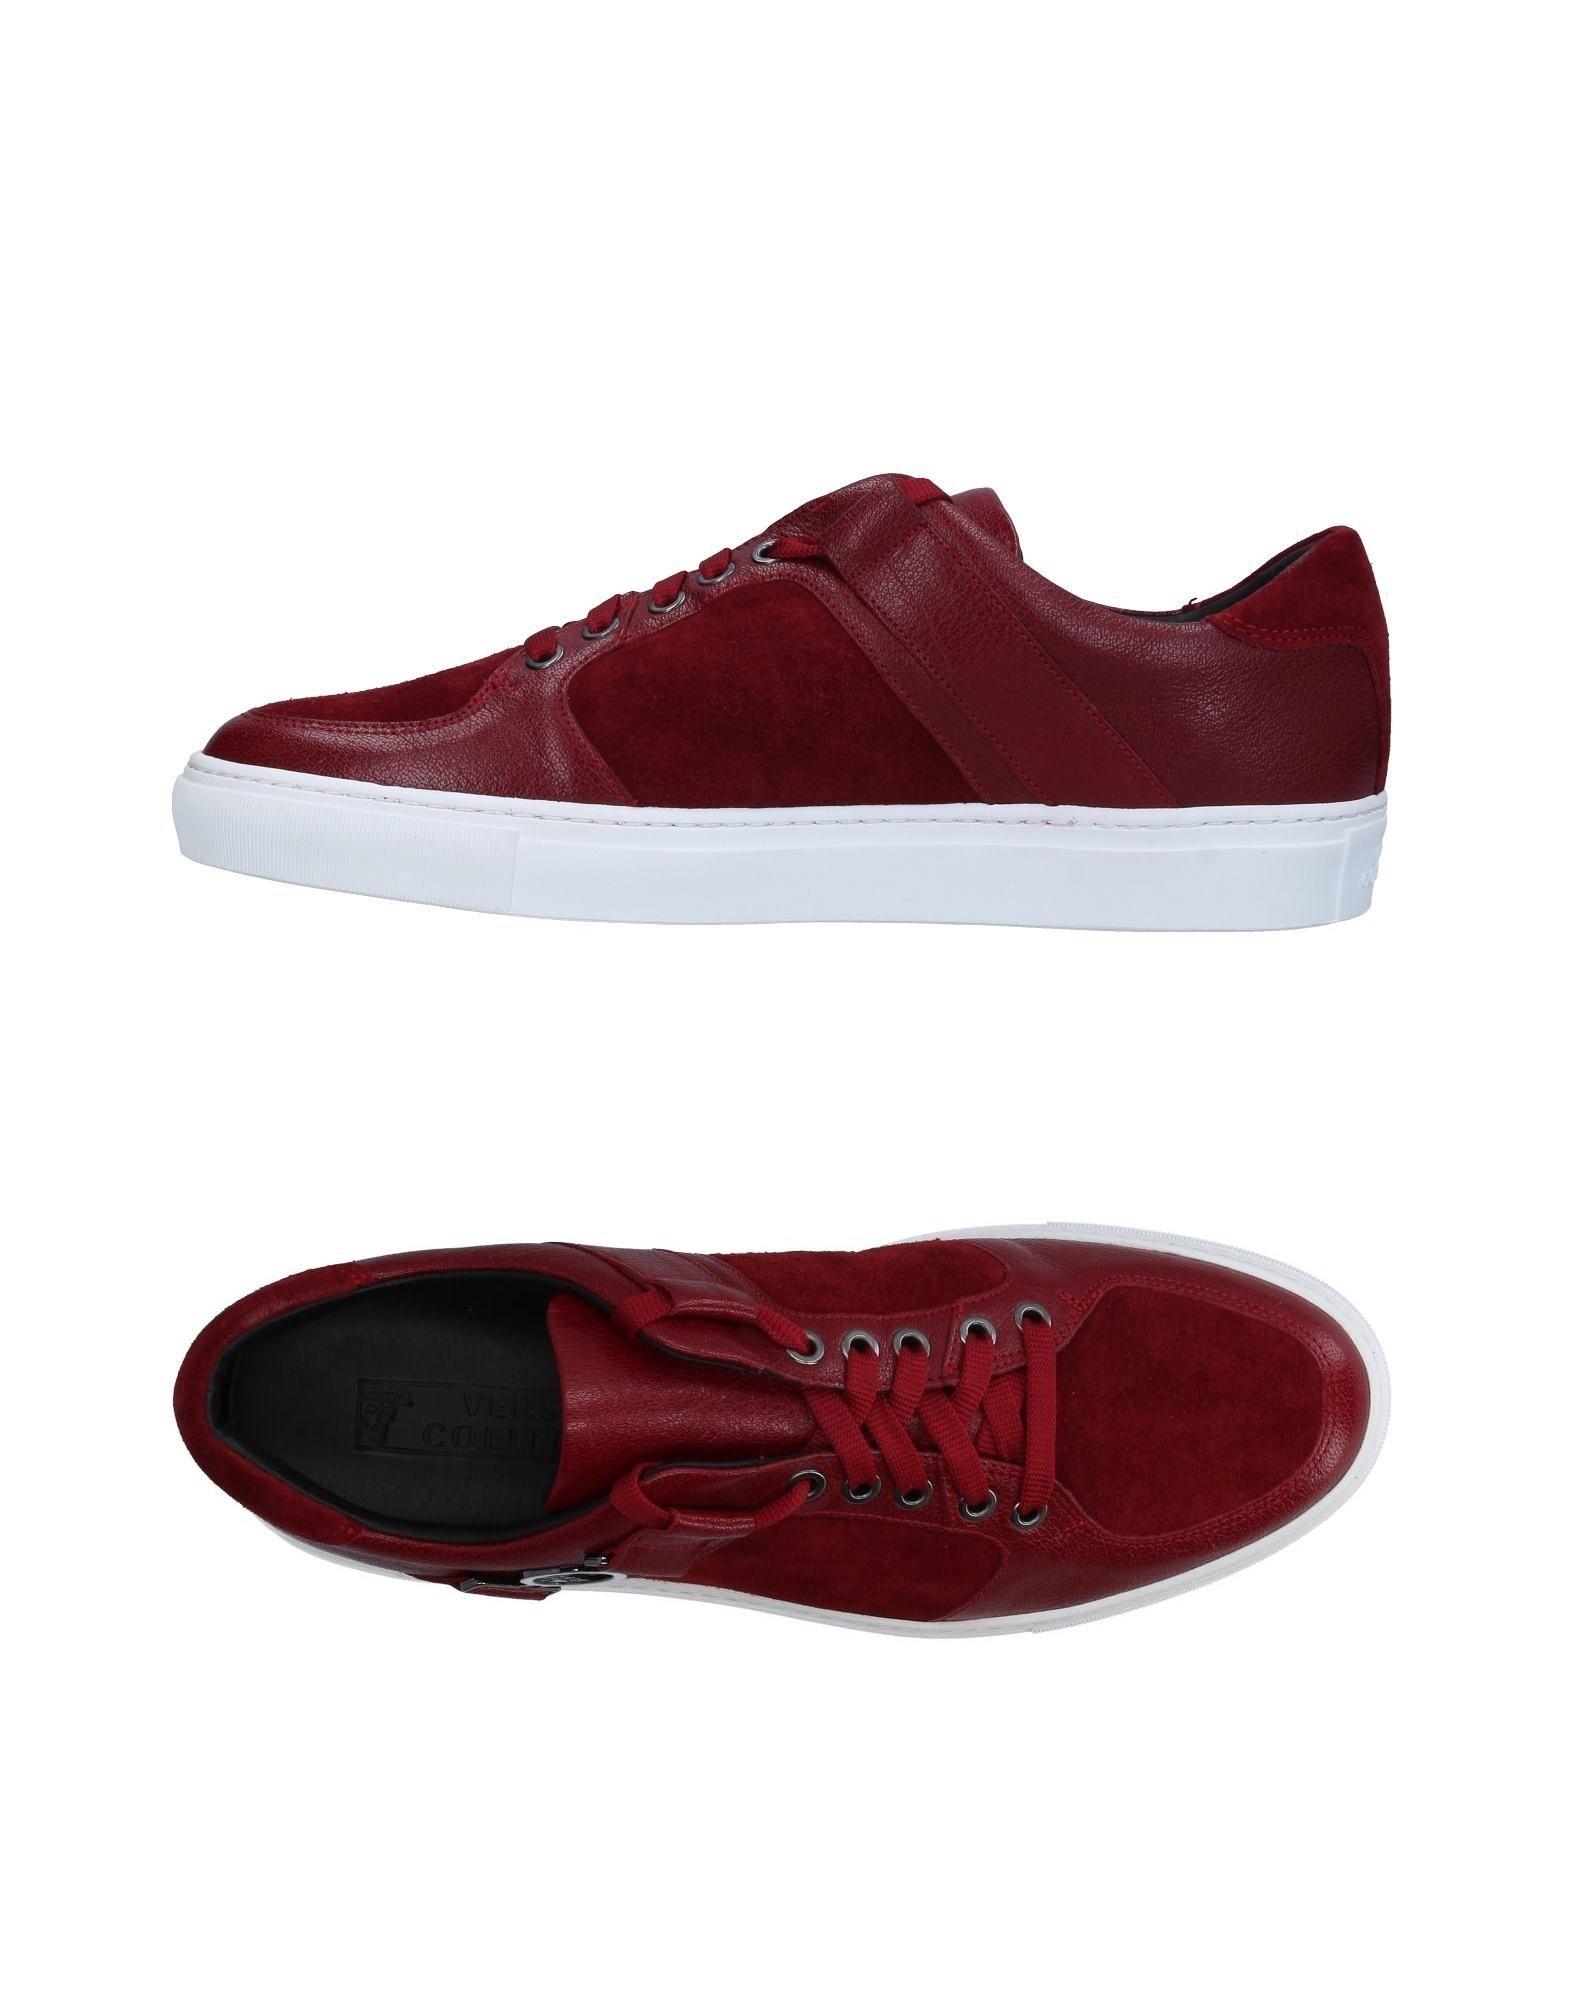 Versace Collection Sneakers Herren  11328656XO Gute Qualität beliebte Schuhe